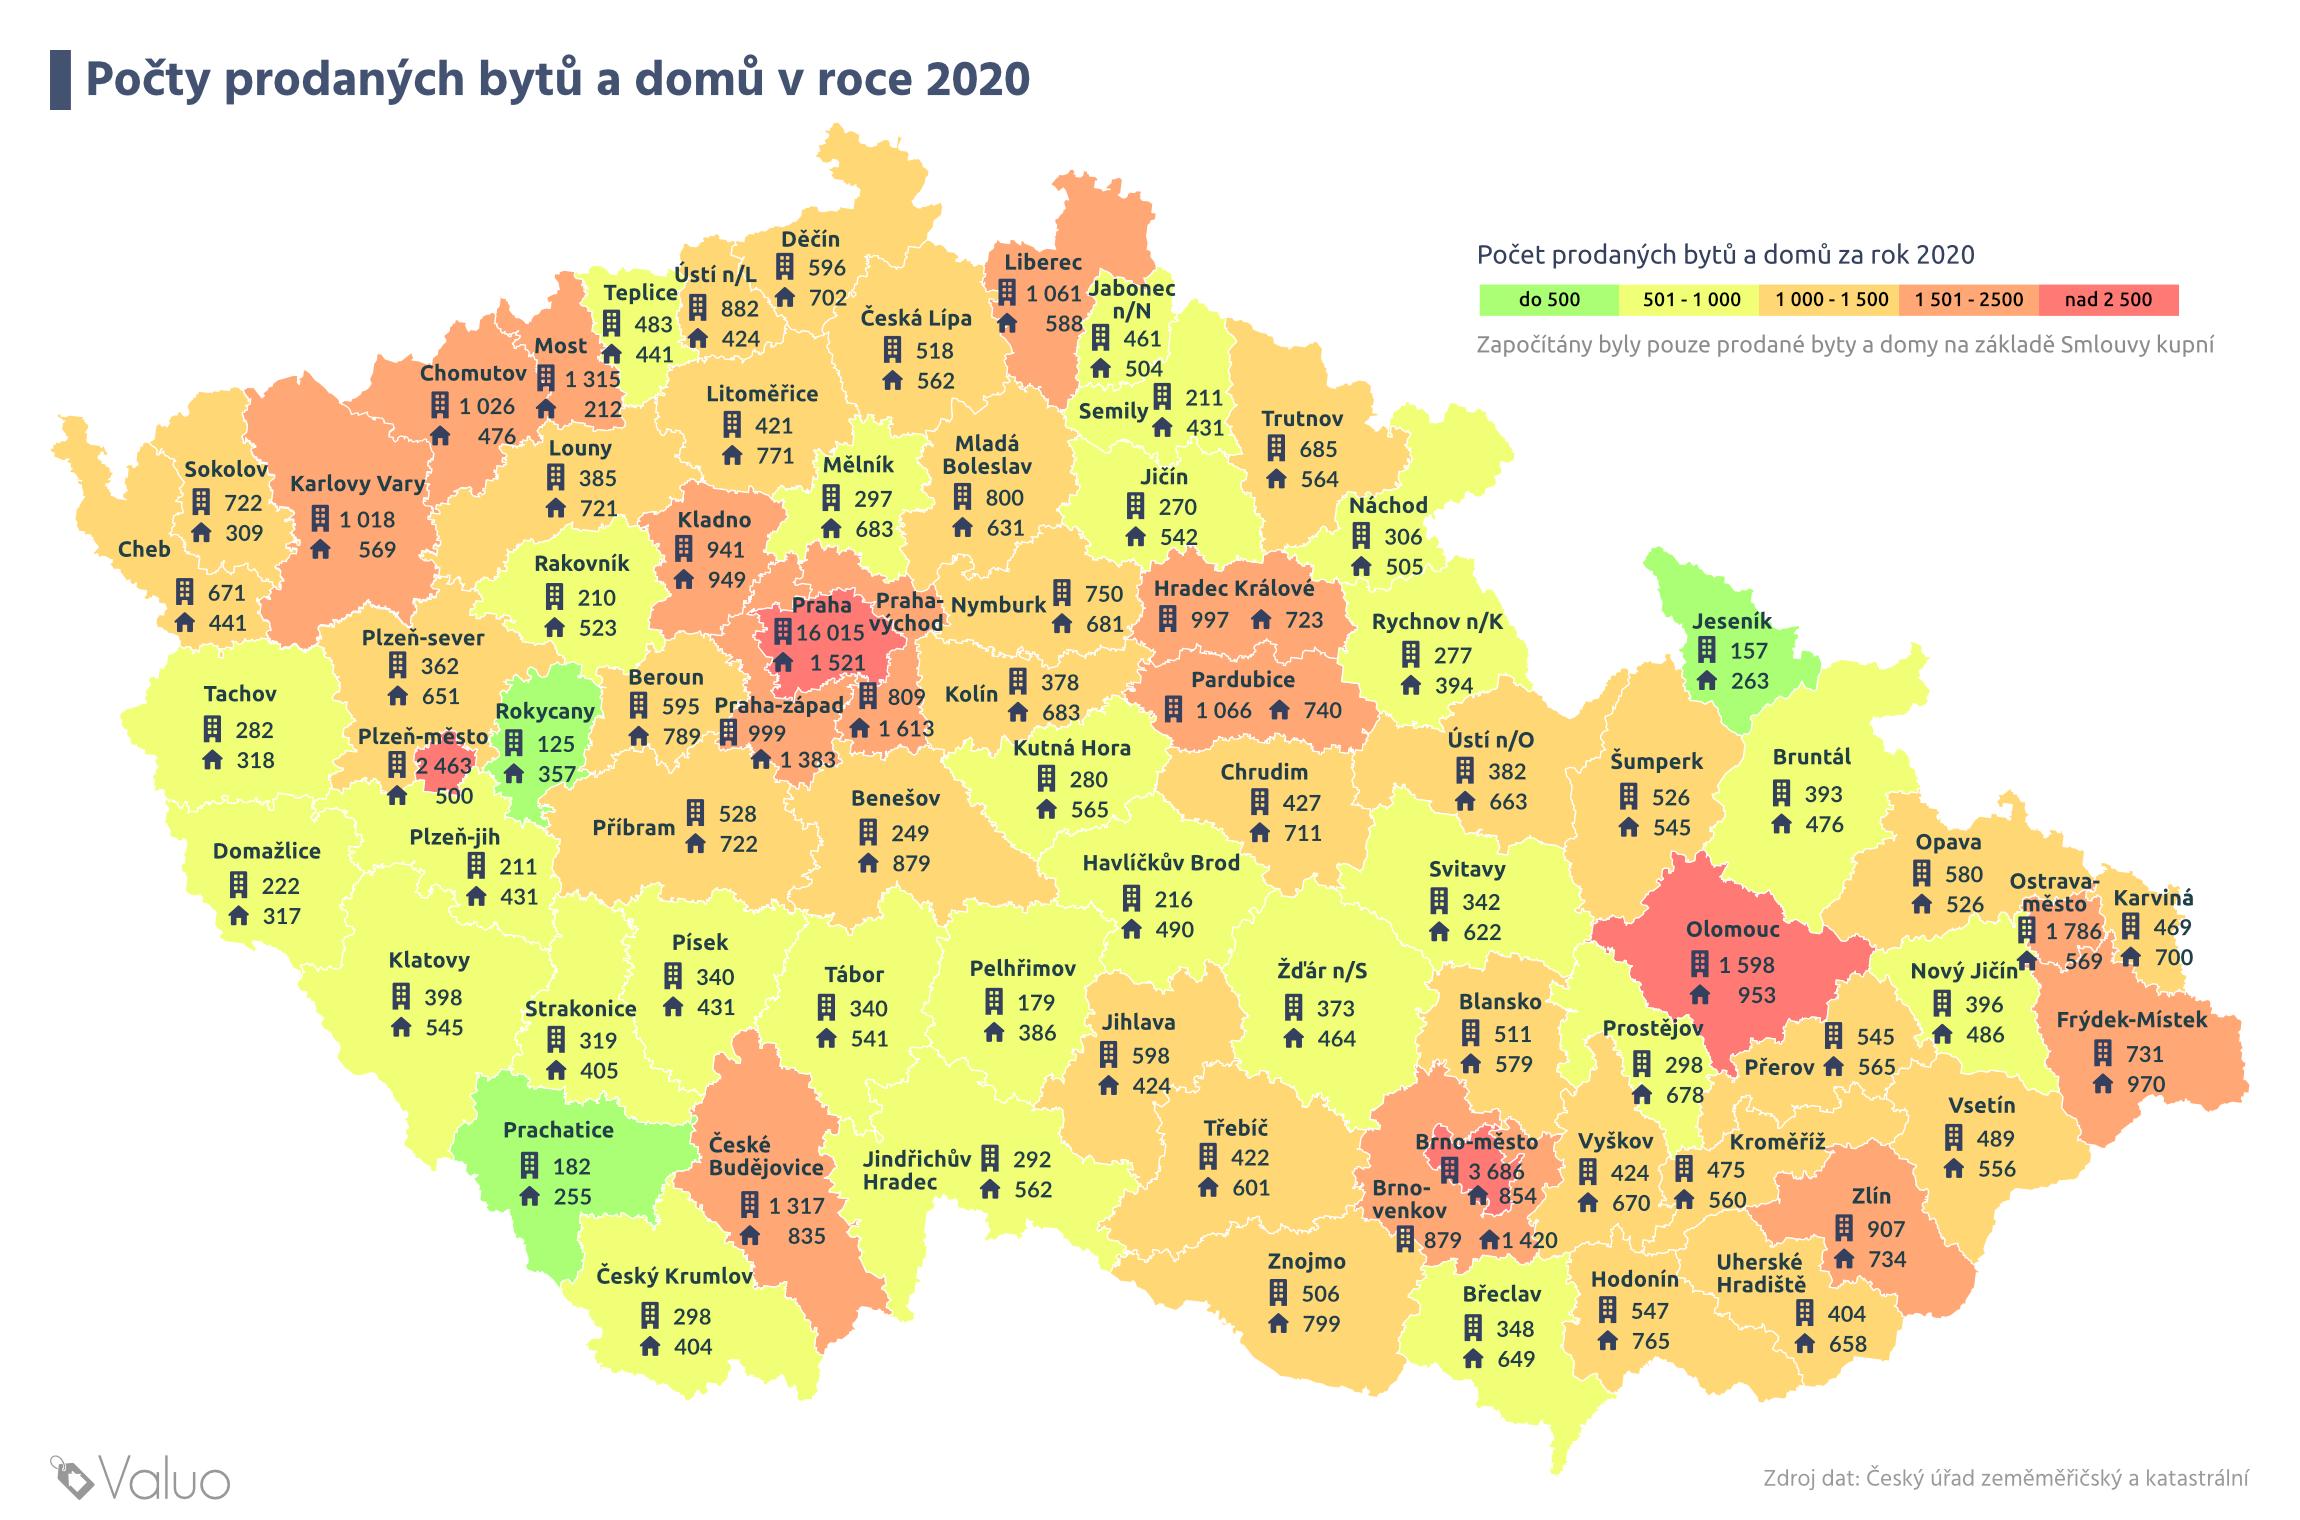 Počet prodaných bytů a domů dle okresů v roce 2020